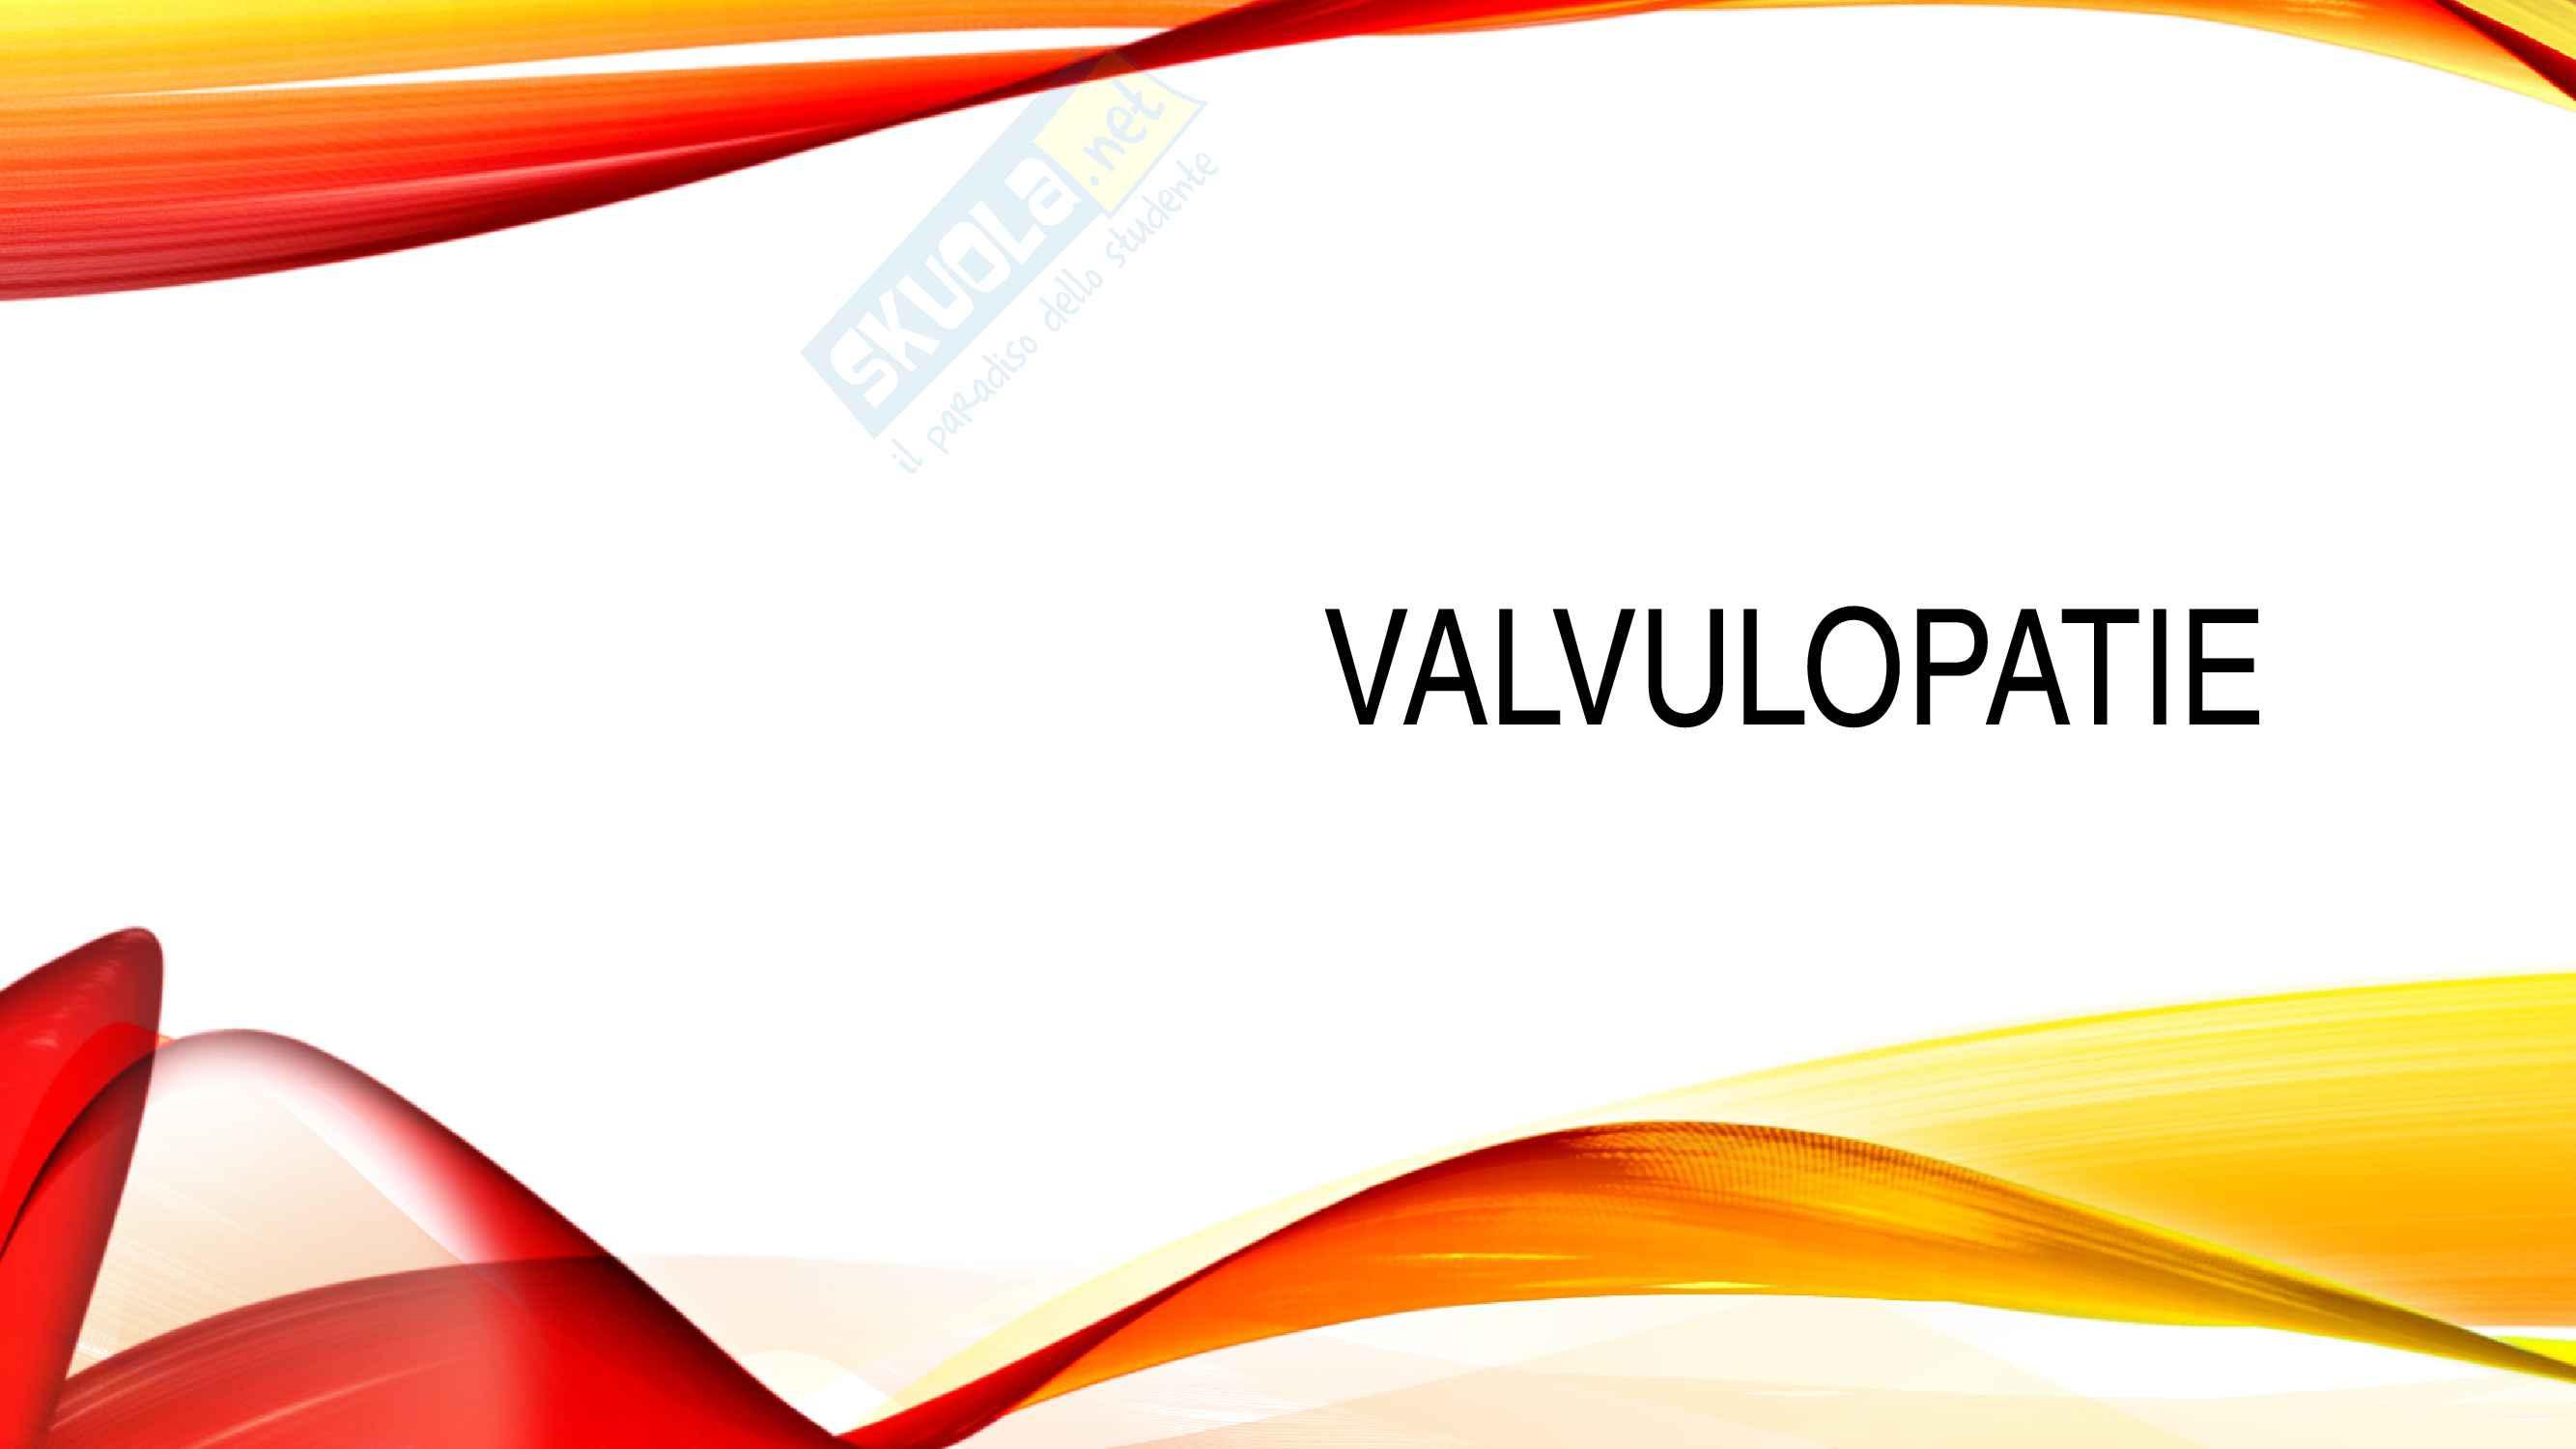 Valvulopatie